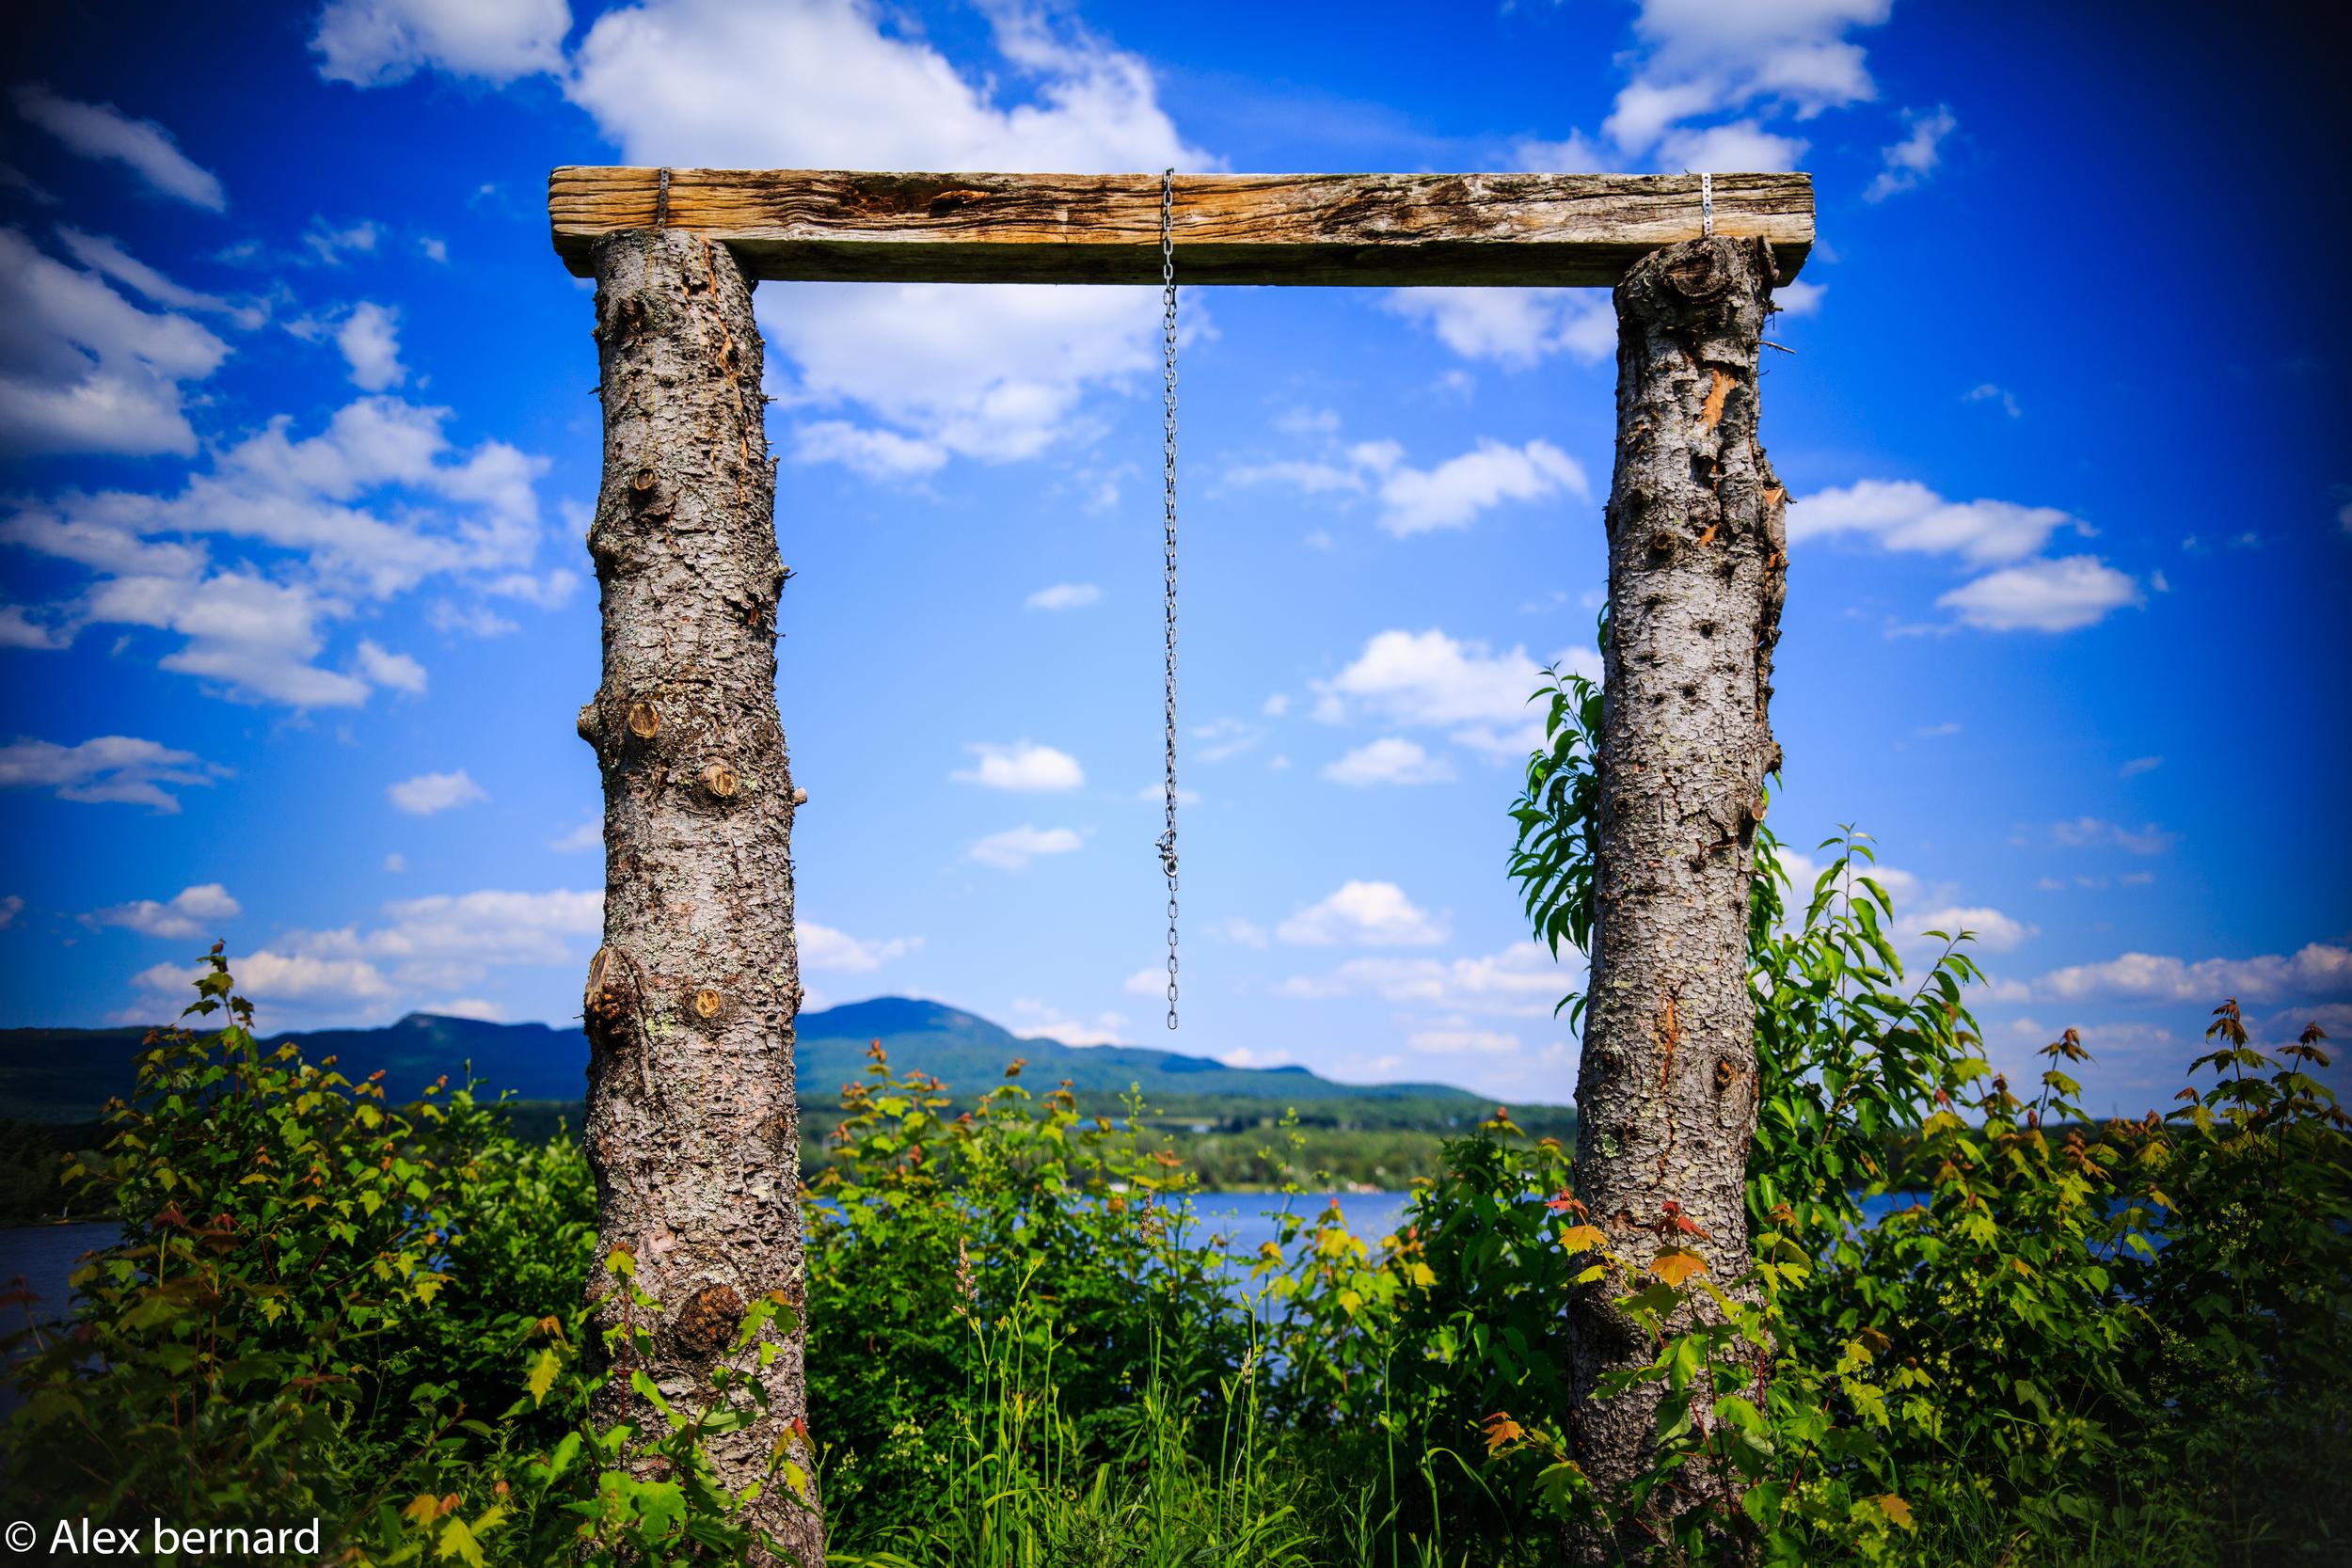 Je ne sais pas trop s'il s'agit d'une balançoire, mais quand j'ai vu ces deux troncs reliés par une planche, j'ai tout de suite pensé à une sorte d'arche ou de portail vers je ne sais trop où. Je trouve que la structure dégage un petit quelque chose de celtique, un peu à la manière de Stonehenge. Le lac d'Argent et le mont Orford ne font qu'amplifier le côté mystique de cet endroit.